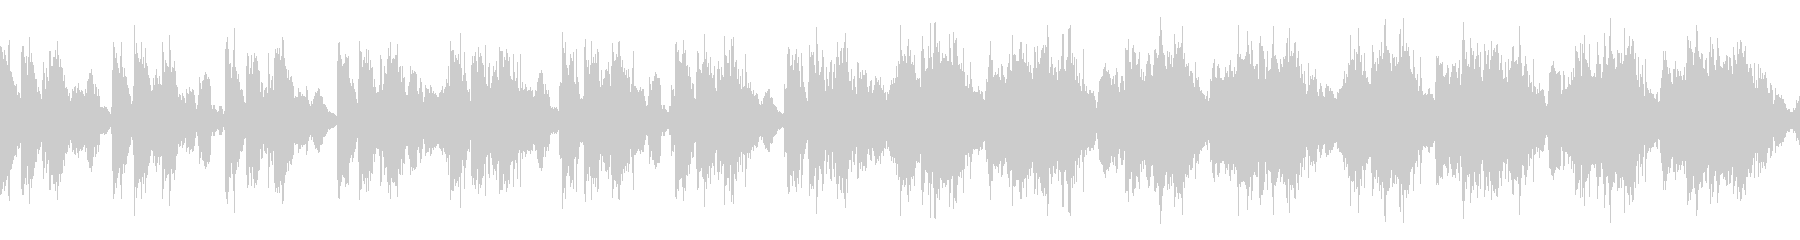 緊張感のあるEpicオーケストラ/ループの未再生の波形